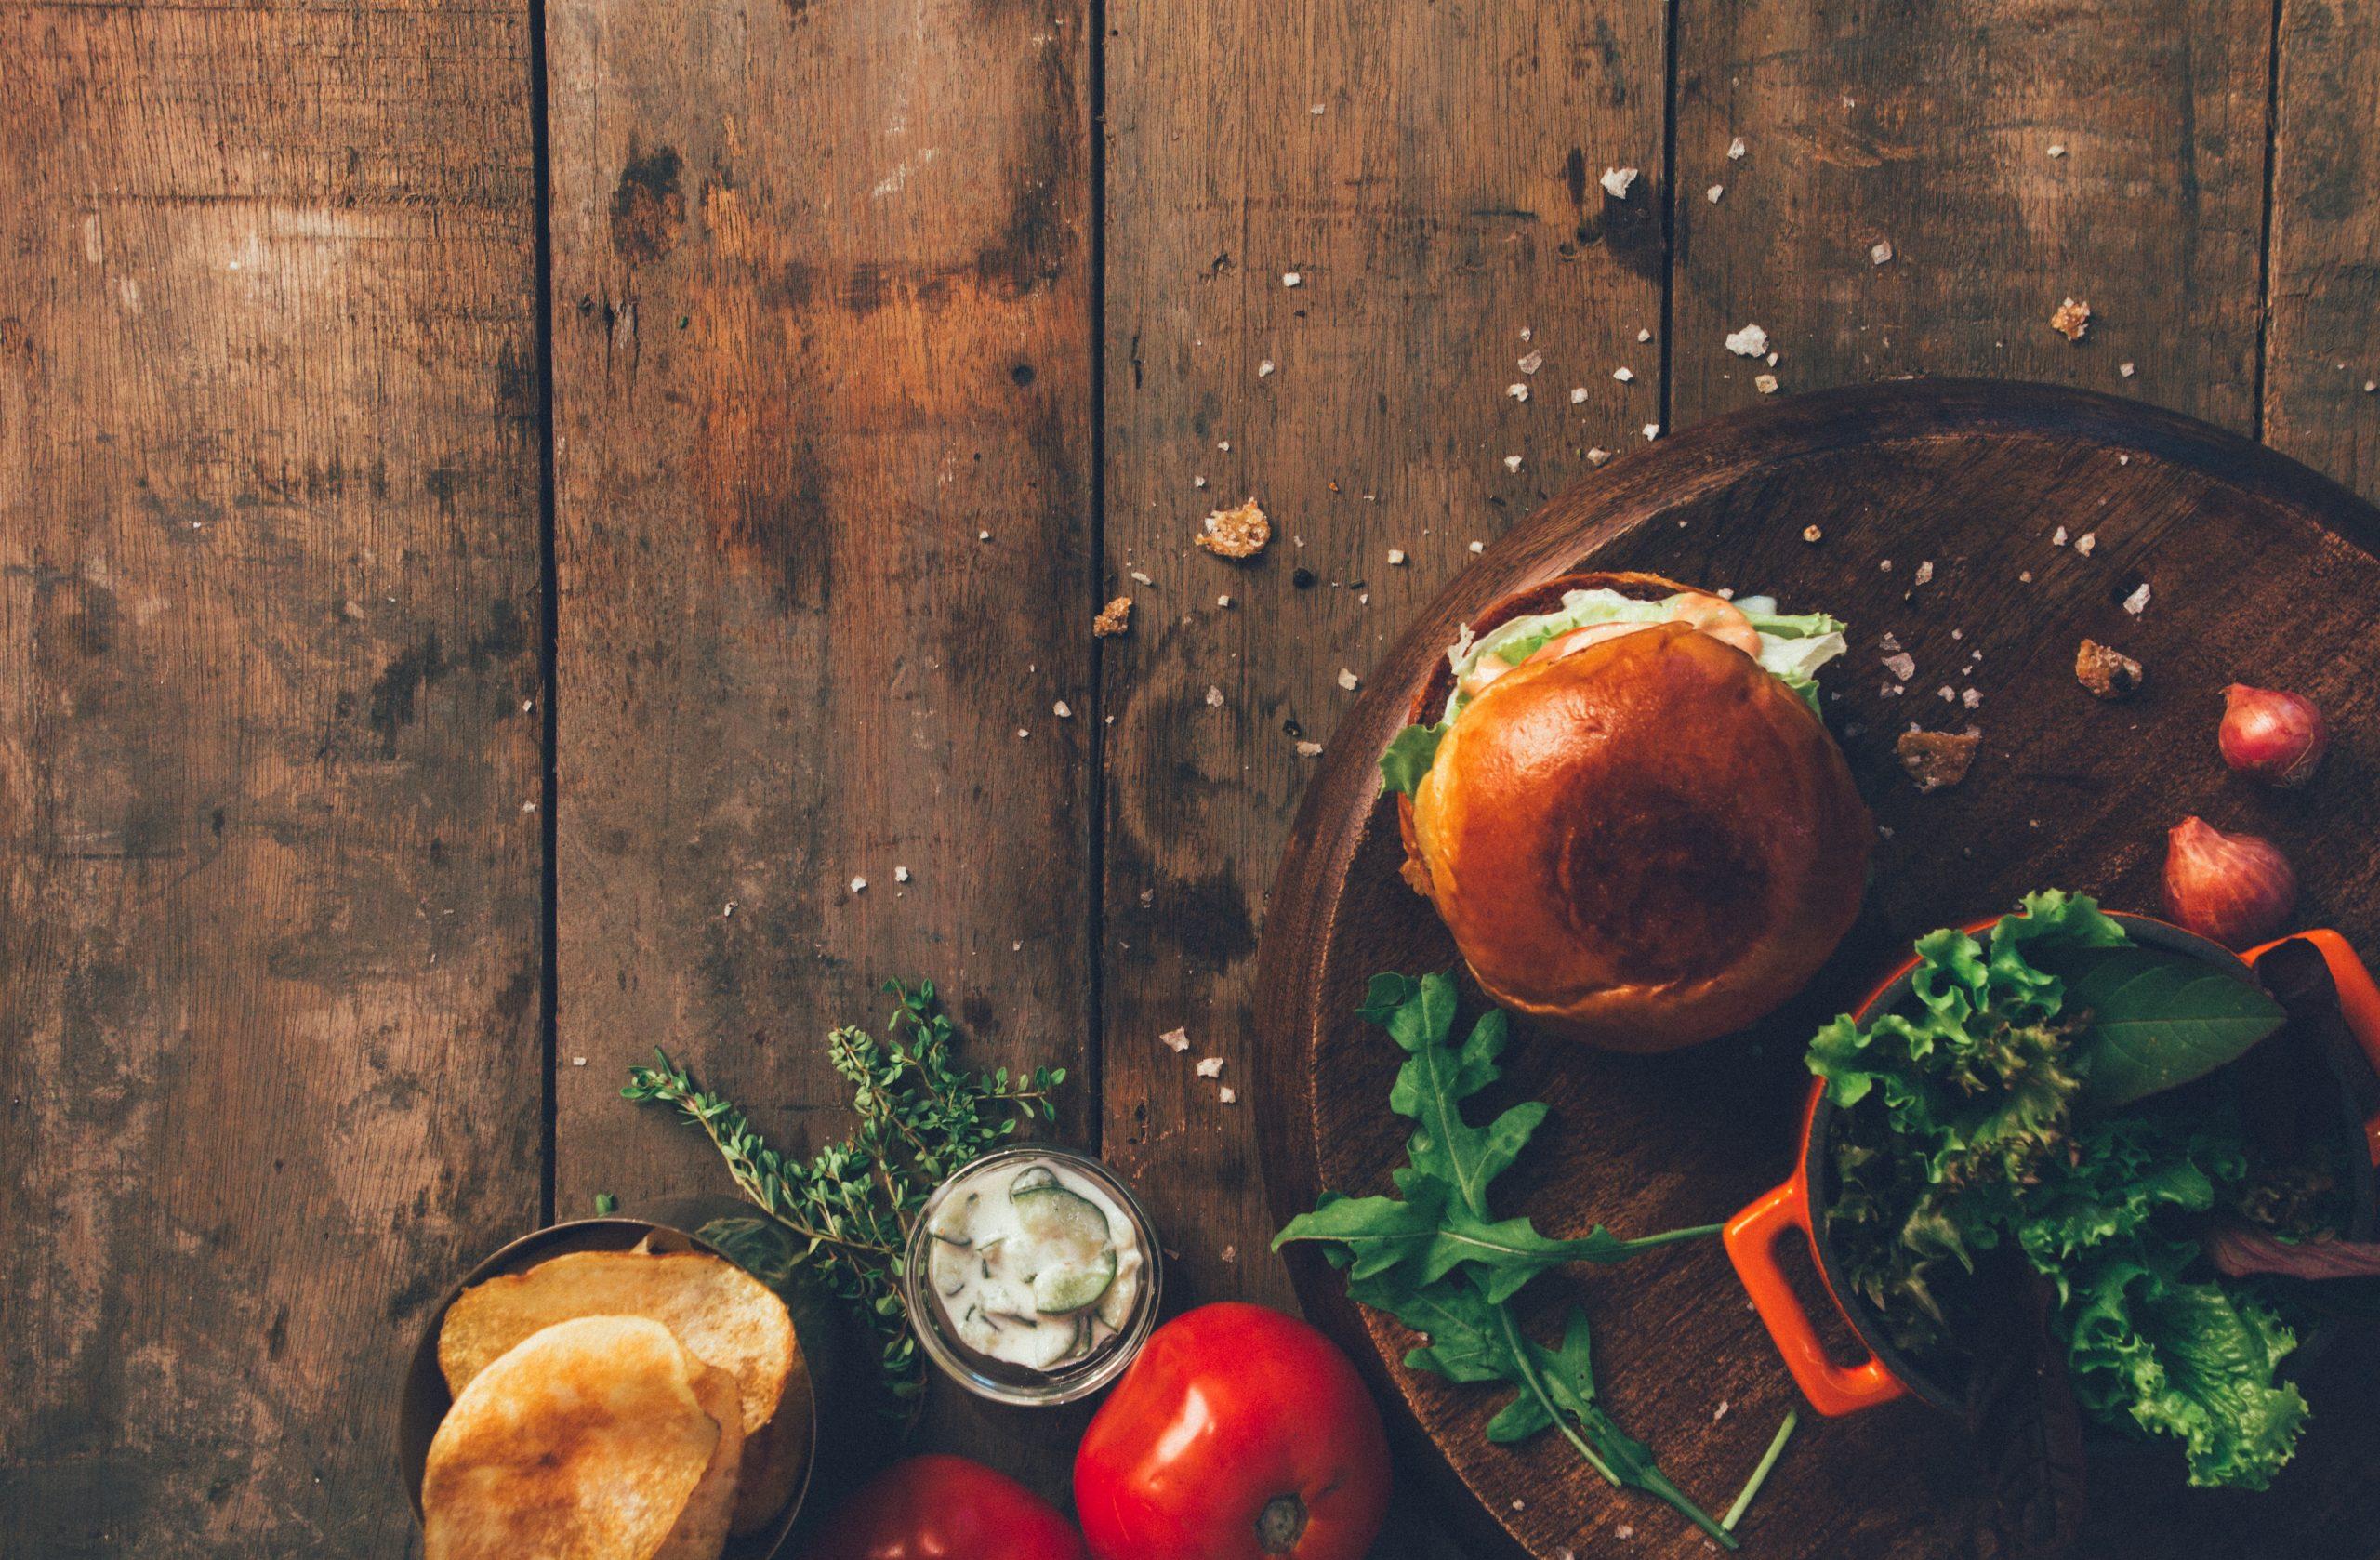 CityFoodAtHome-cooking-food-pexels